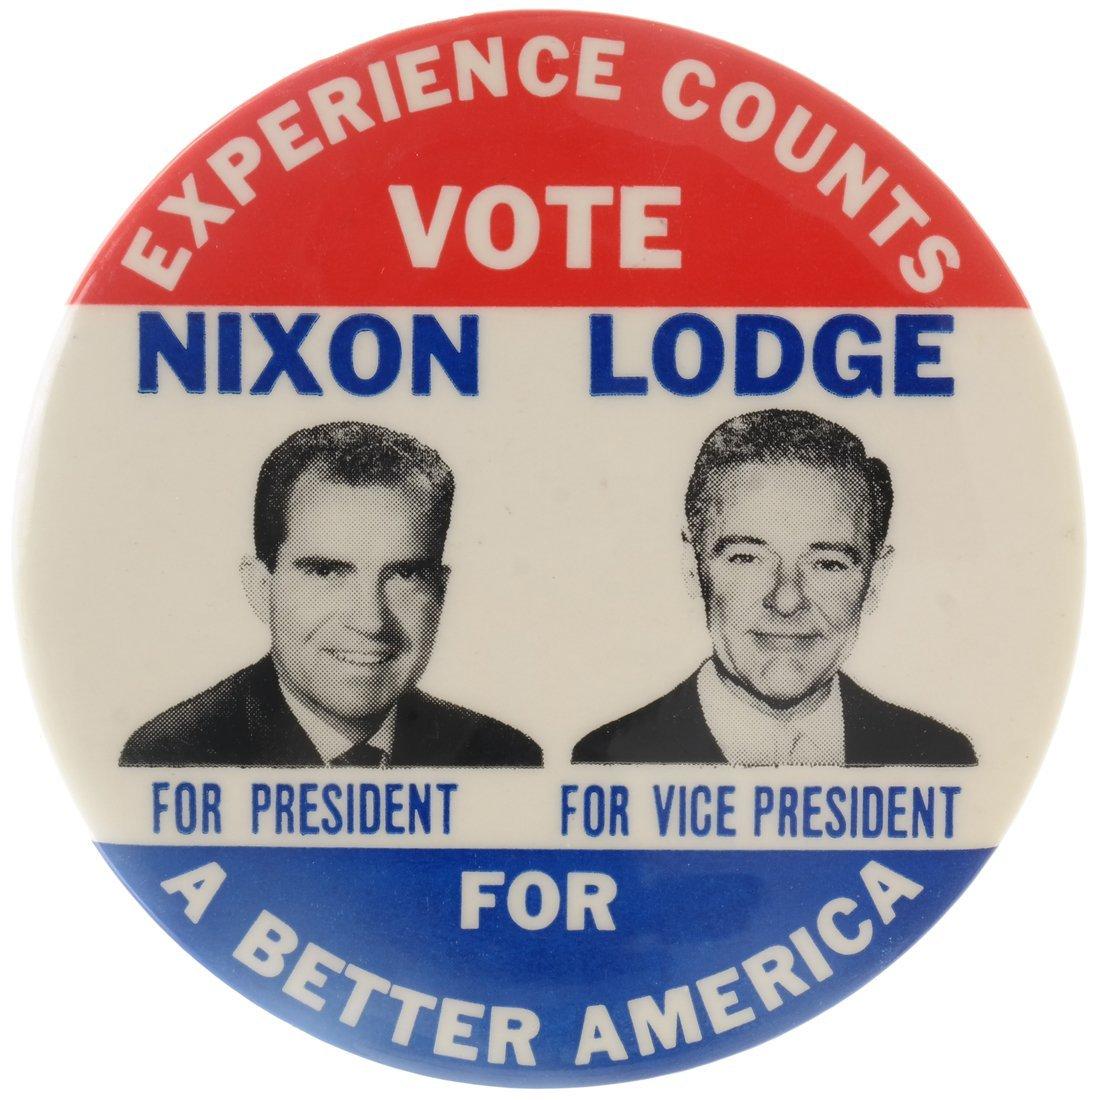 Rare Nixon & Lodge Jugate Celluloid